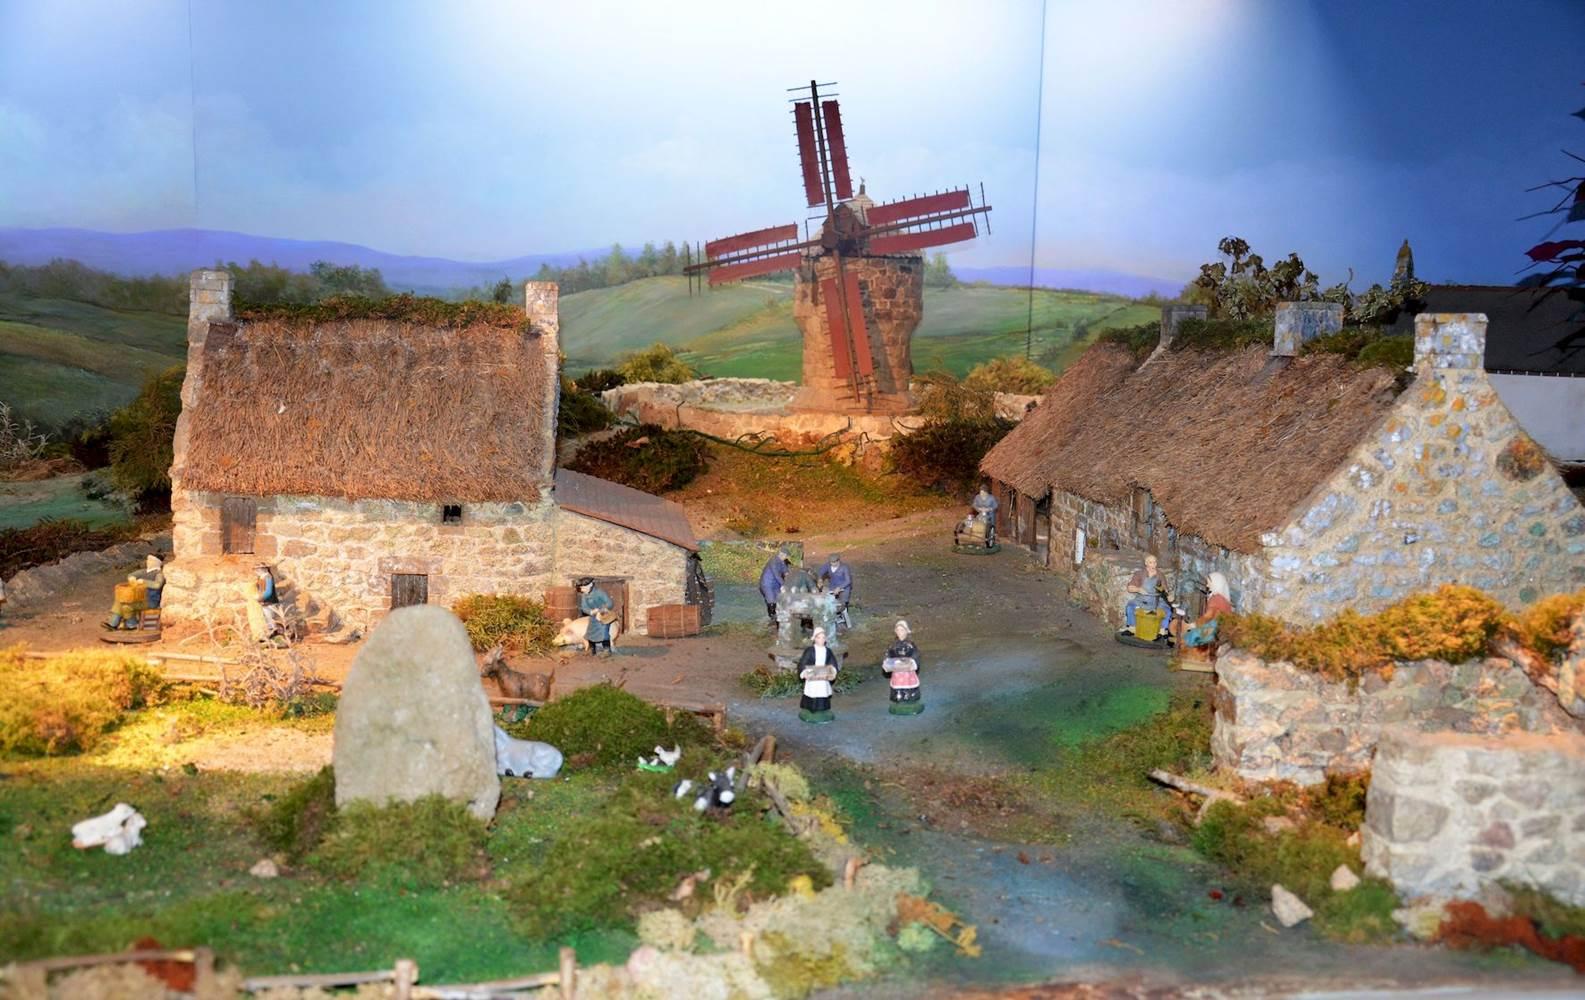 Musee-des-Thoniers - 8 - Etel - Morbihan Bretagne Sud © Musée des thoniers